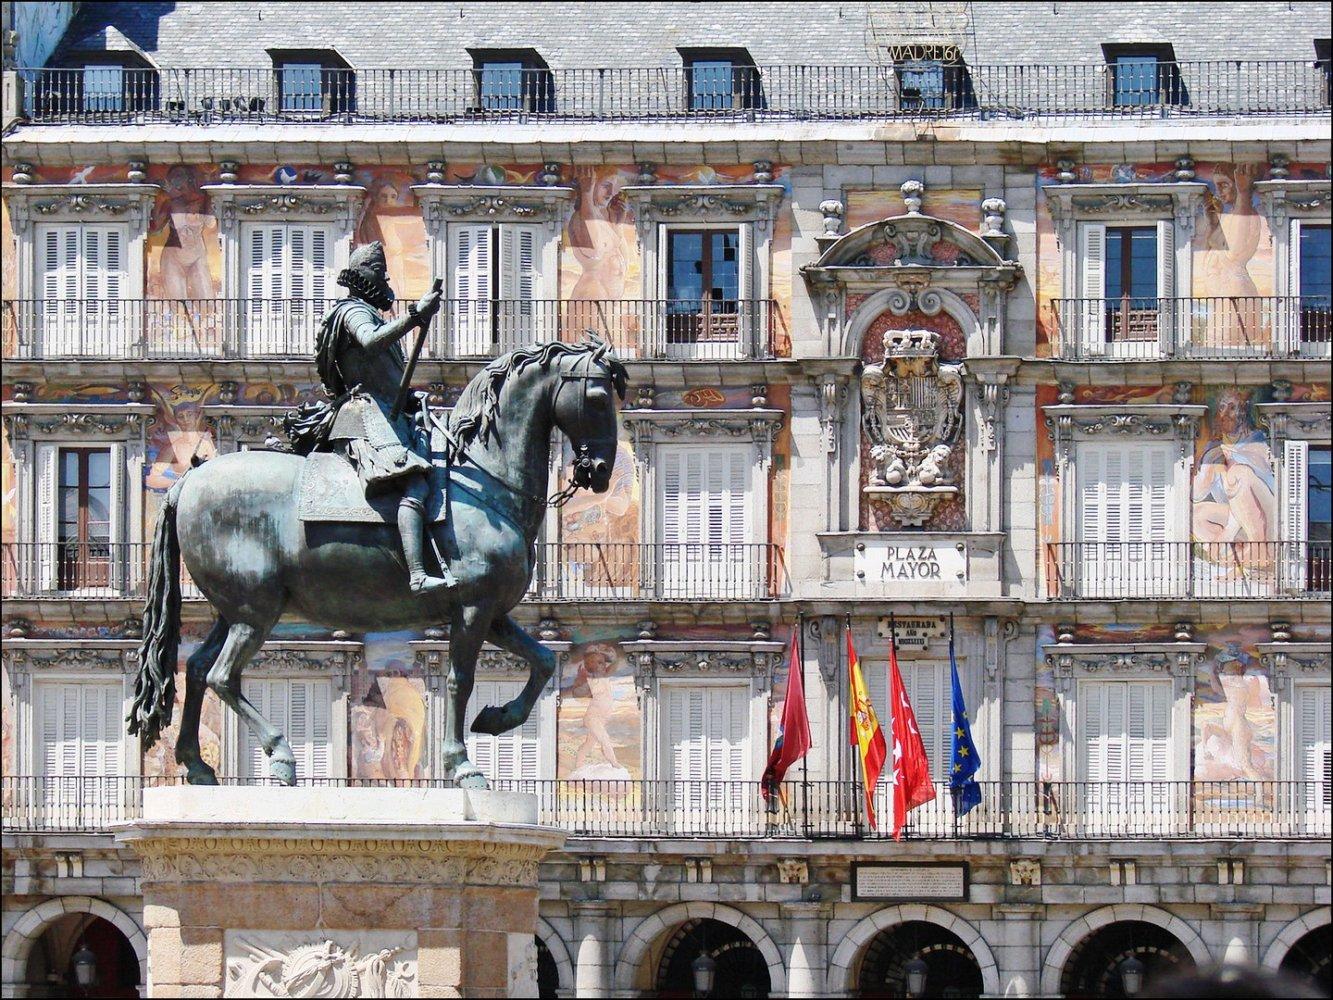 Фото Площадь Майор в Мадриде. Испания, Comunidad de Madrid, Madrid, Plaza Mayor, 2-22